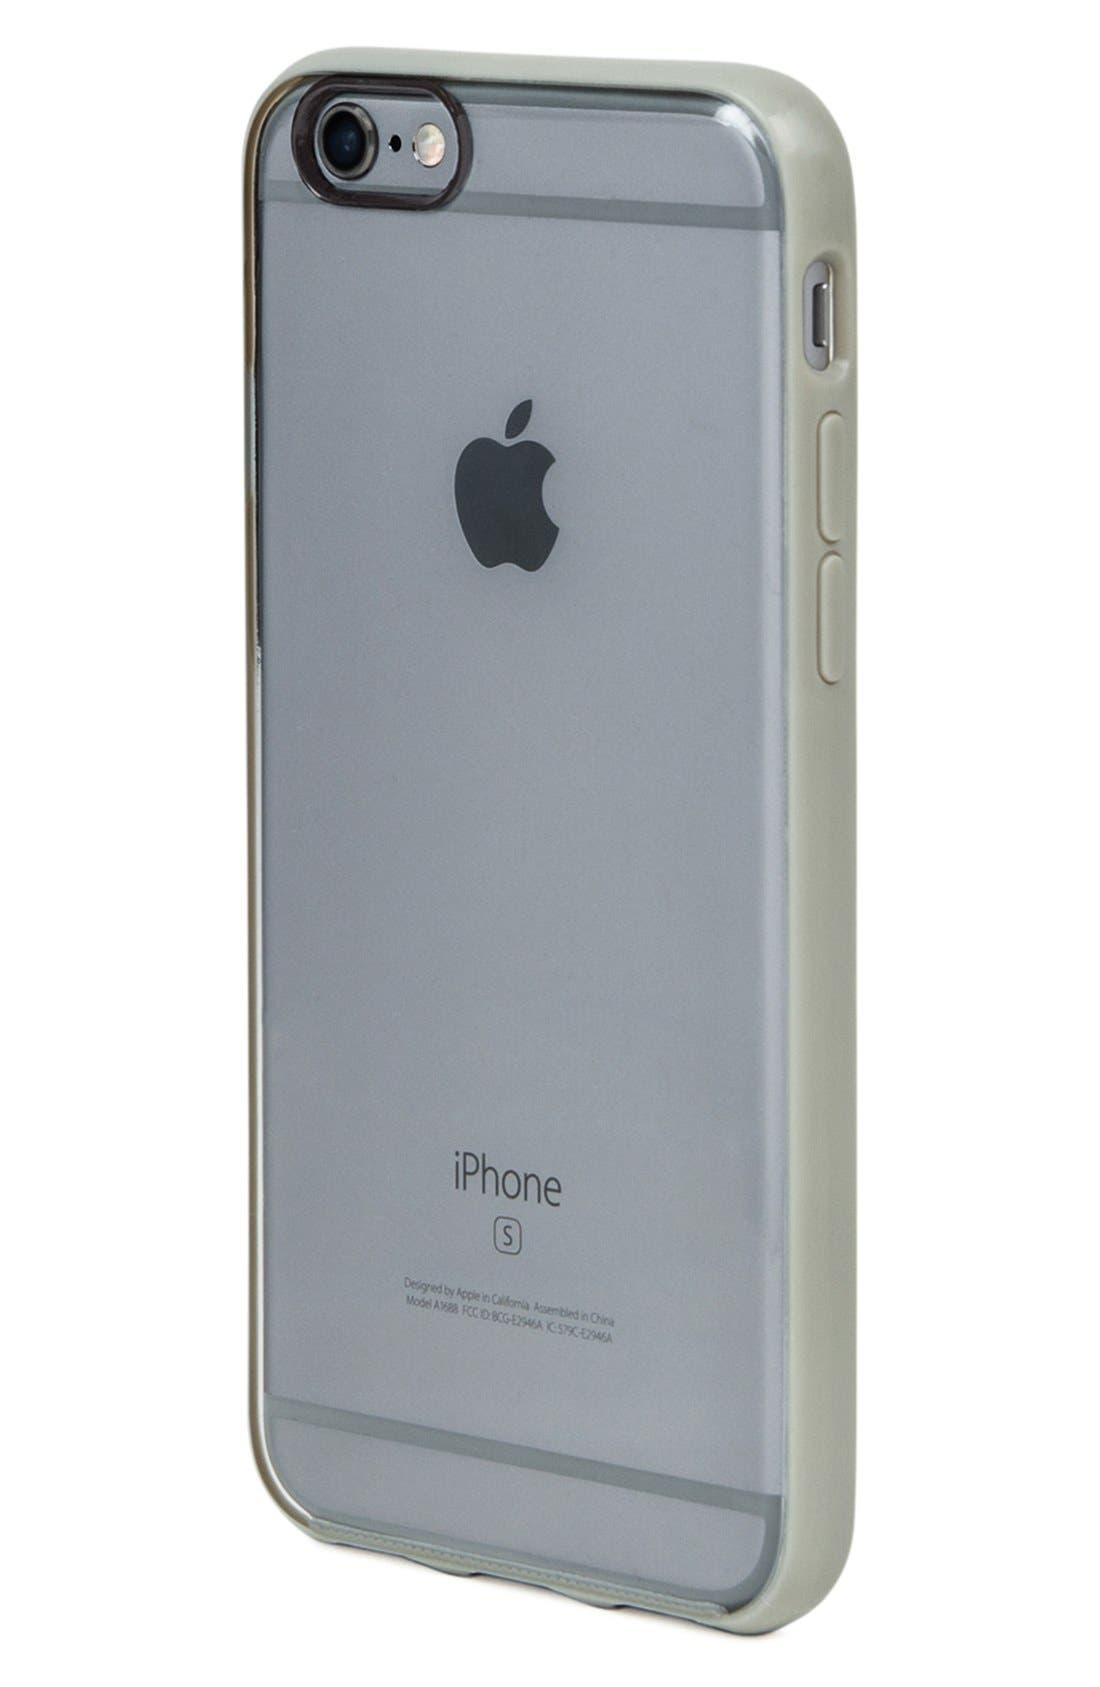 Main Image - Incase Designs Pop iPhone 6/6s Case